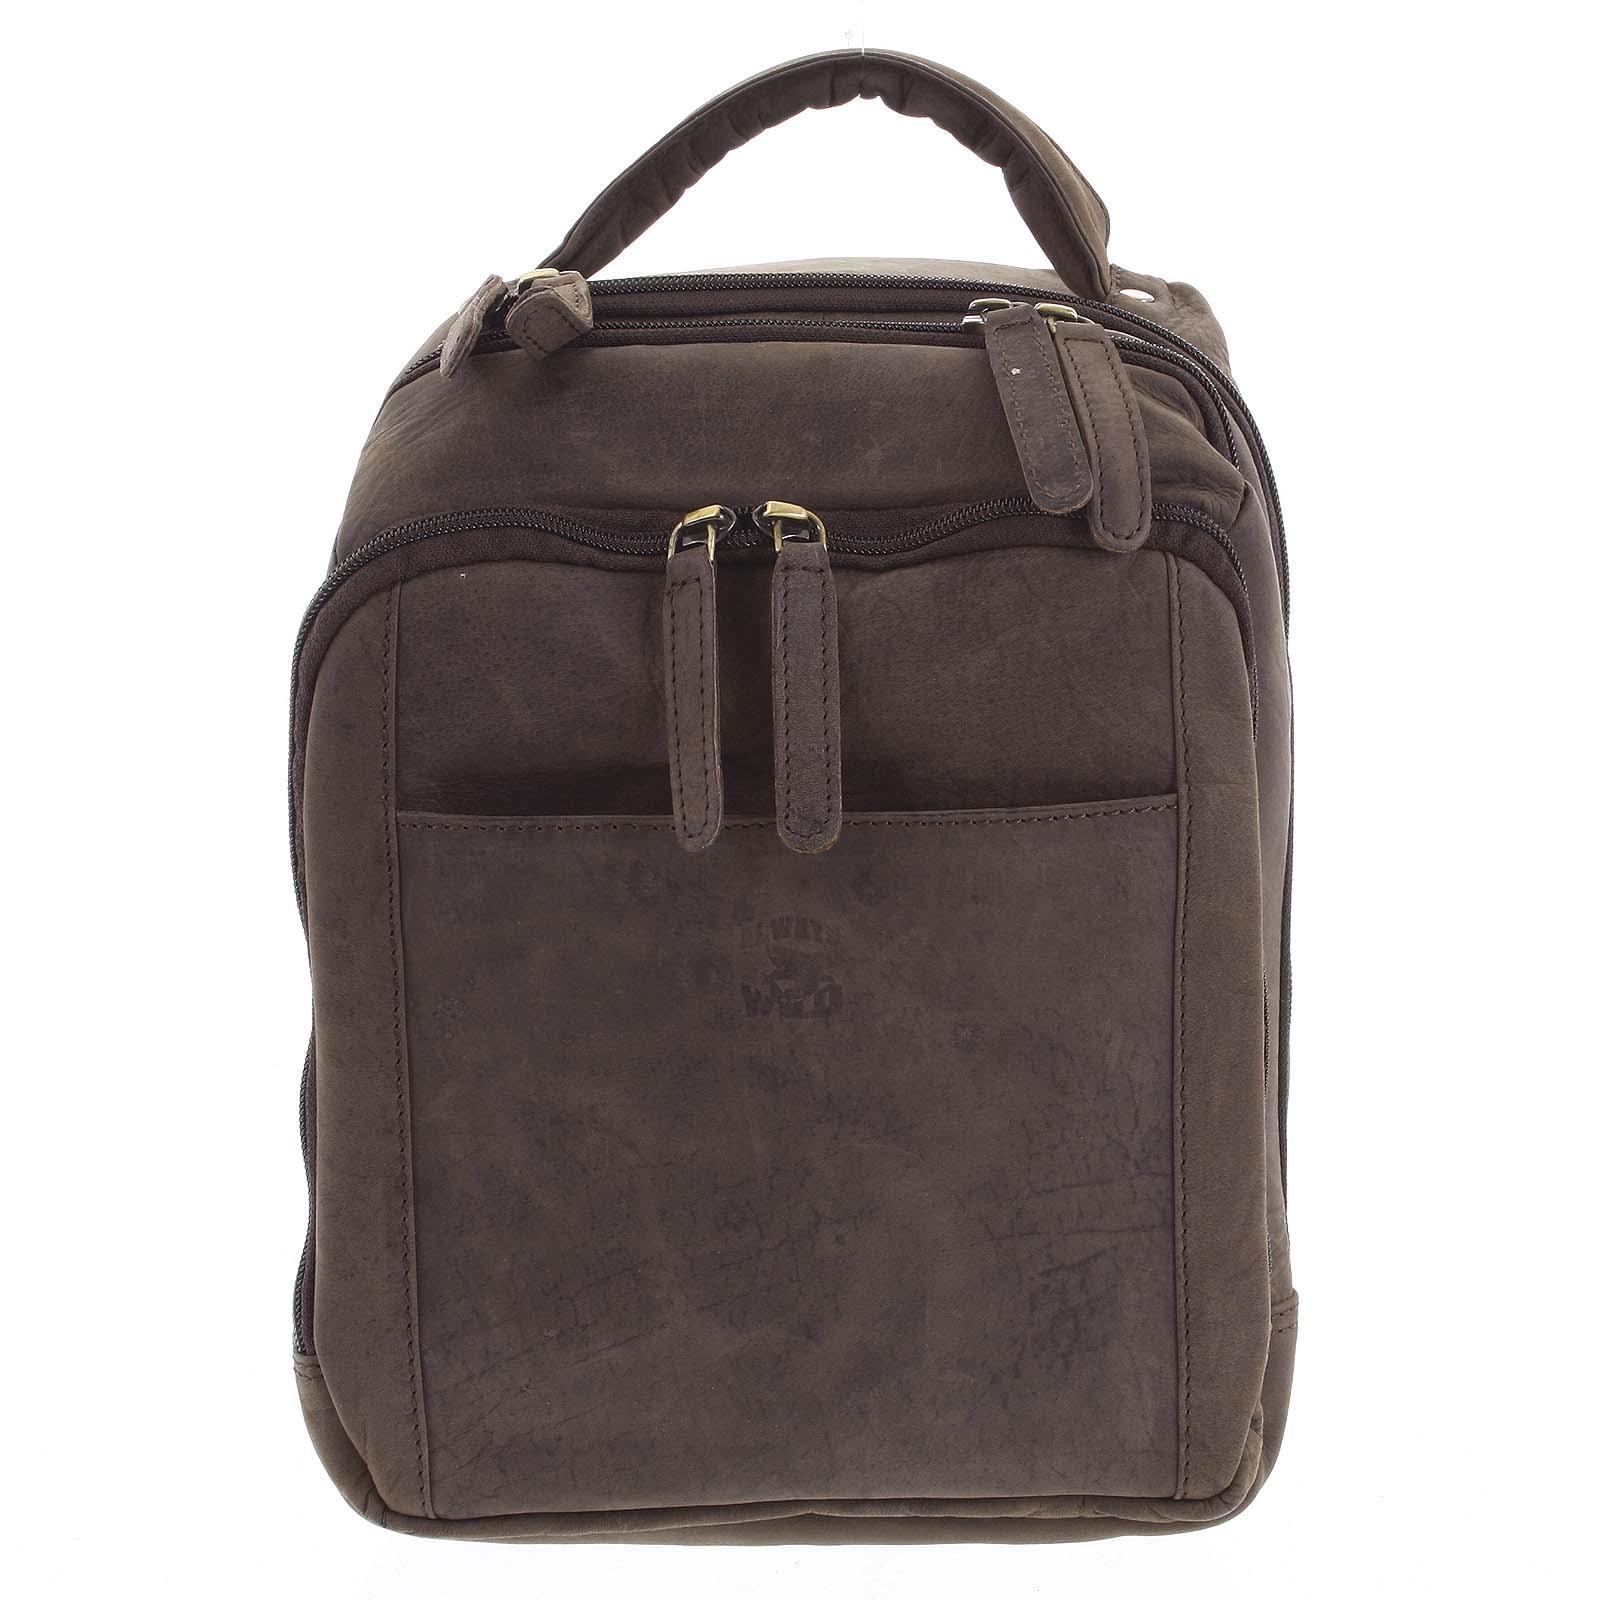 Pánský kožený batoh tmavě hnědý - WILD Josemar